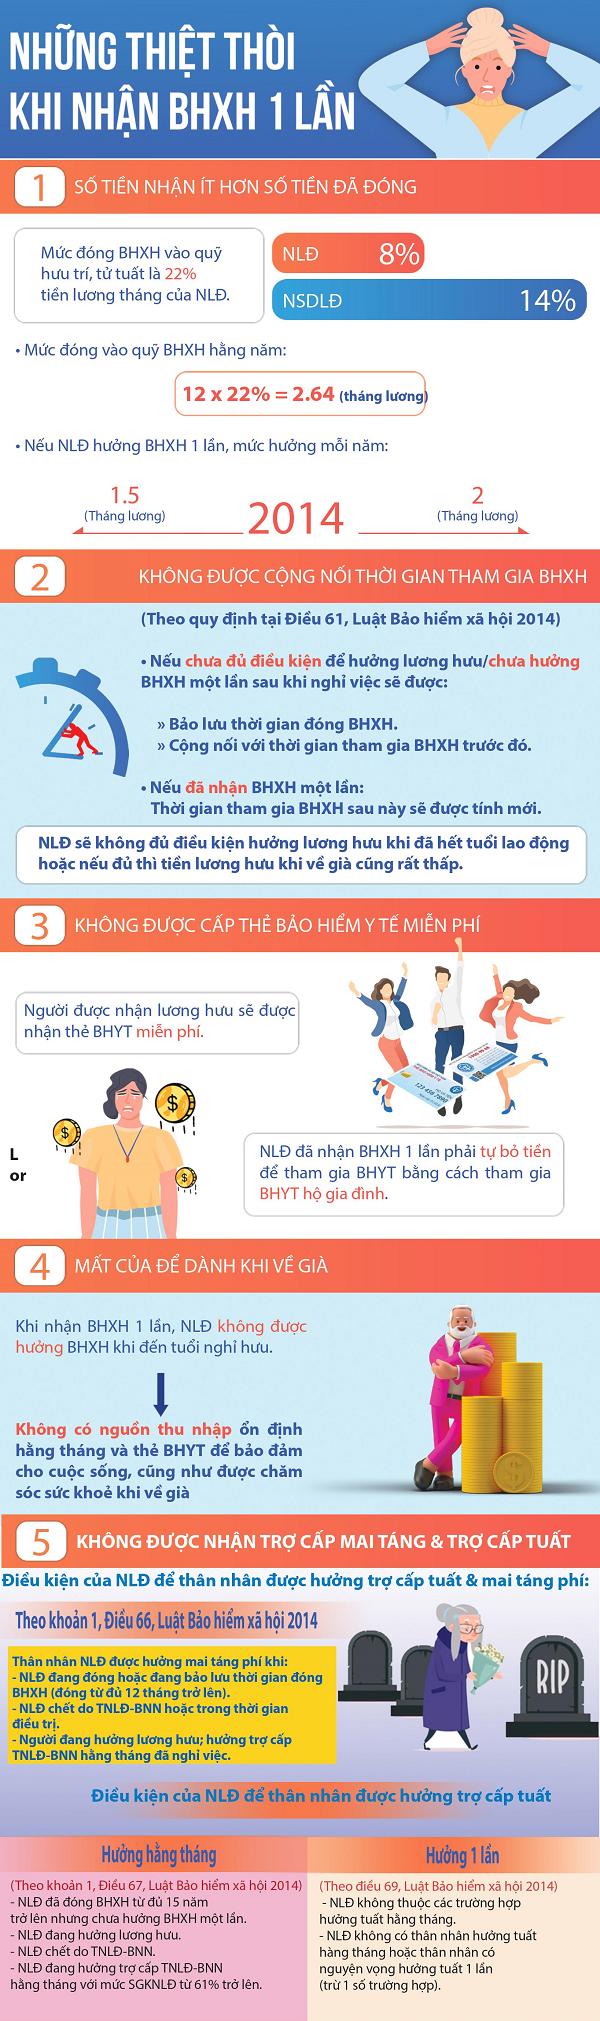 [Infographic] Những thiệt thòi khi nhận bảo hiểm xã hội 1 lần ảnh 1